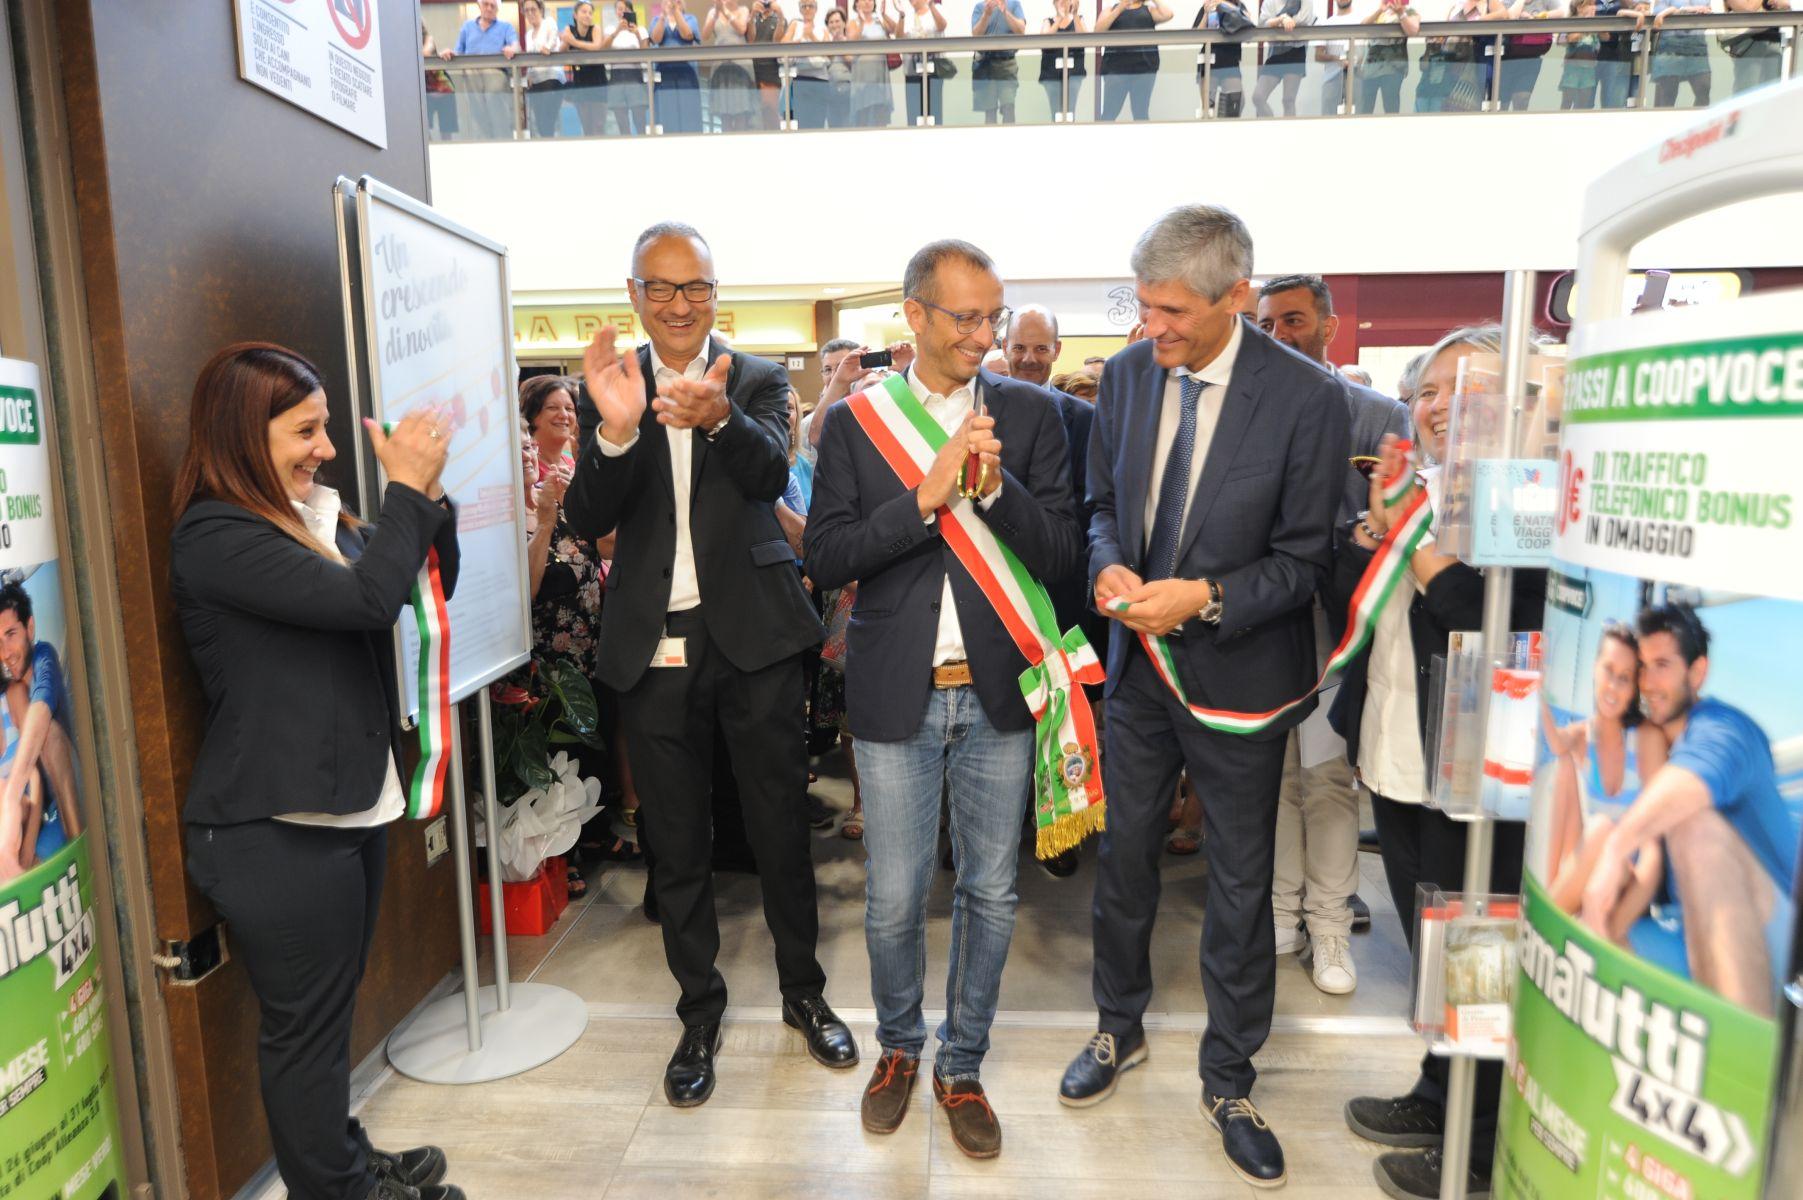 da_sx_il_direttore_ipercoop_Angelo_bedetti_sindaco_Matteo_Ricci_ad_gestione_coopaleanza3.0_Massimo_ferrari